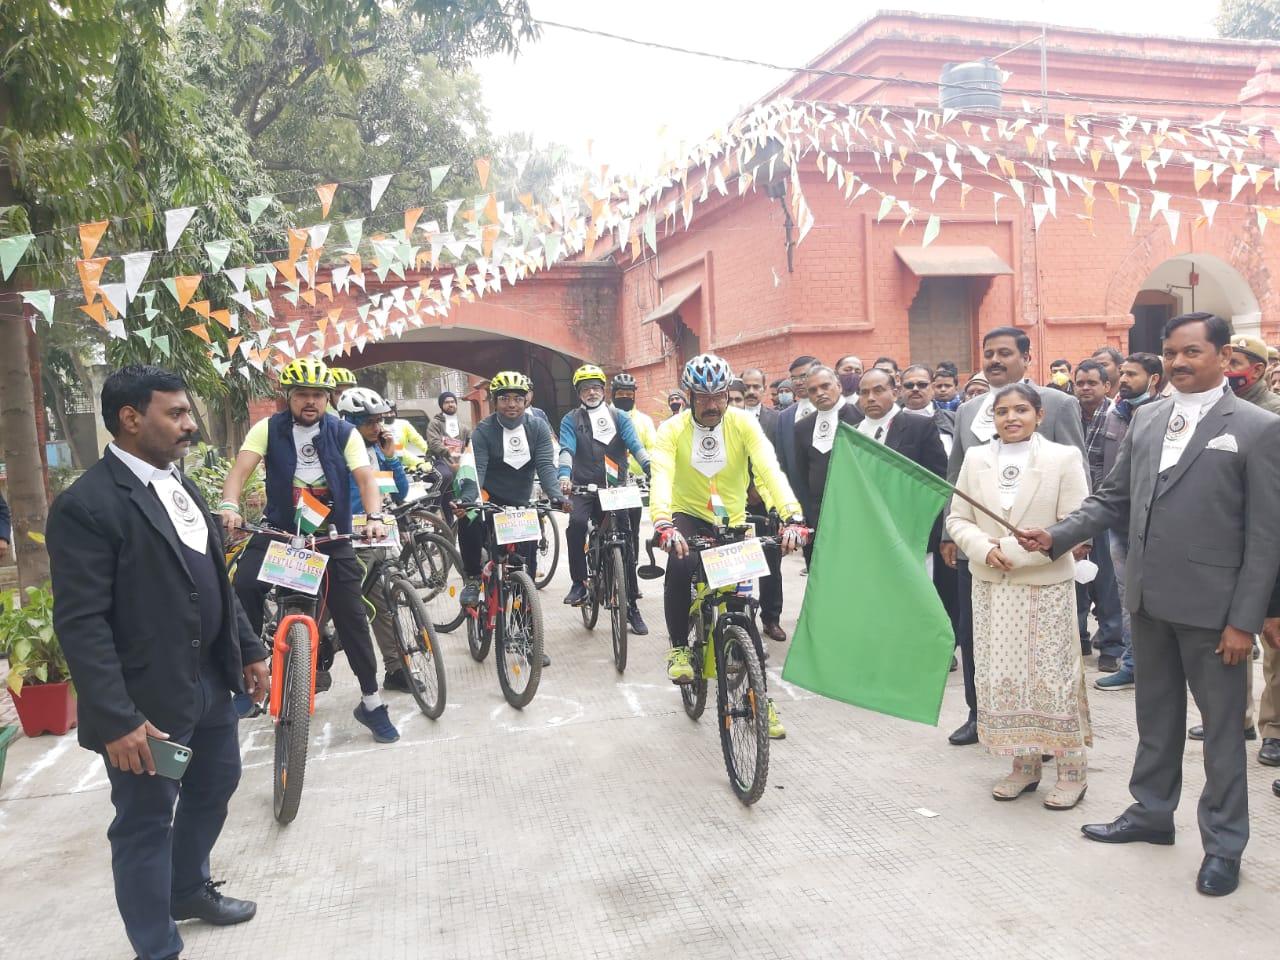 बाराबंकी: जनमानस को मानसिक स्वास्थ्य के विषय में जागरूक करने के लिए साइकिल रैली का किया गया आयोजन।